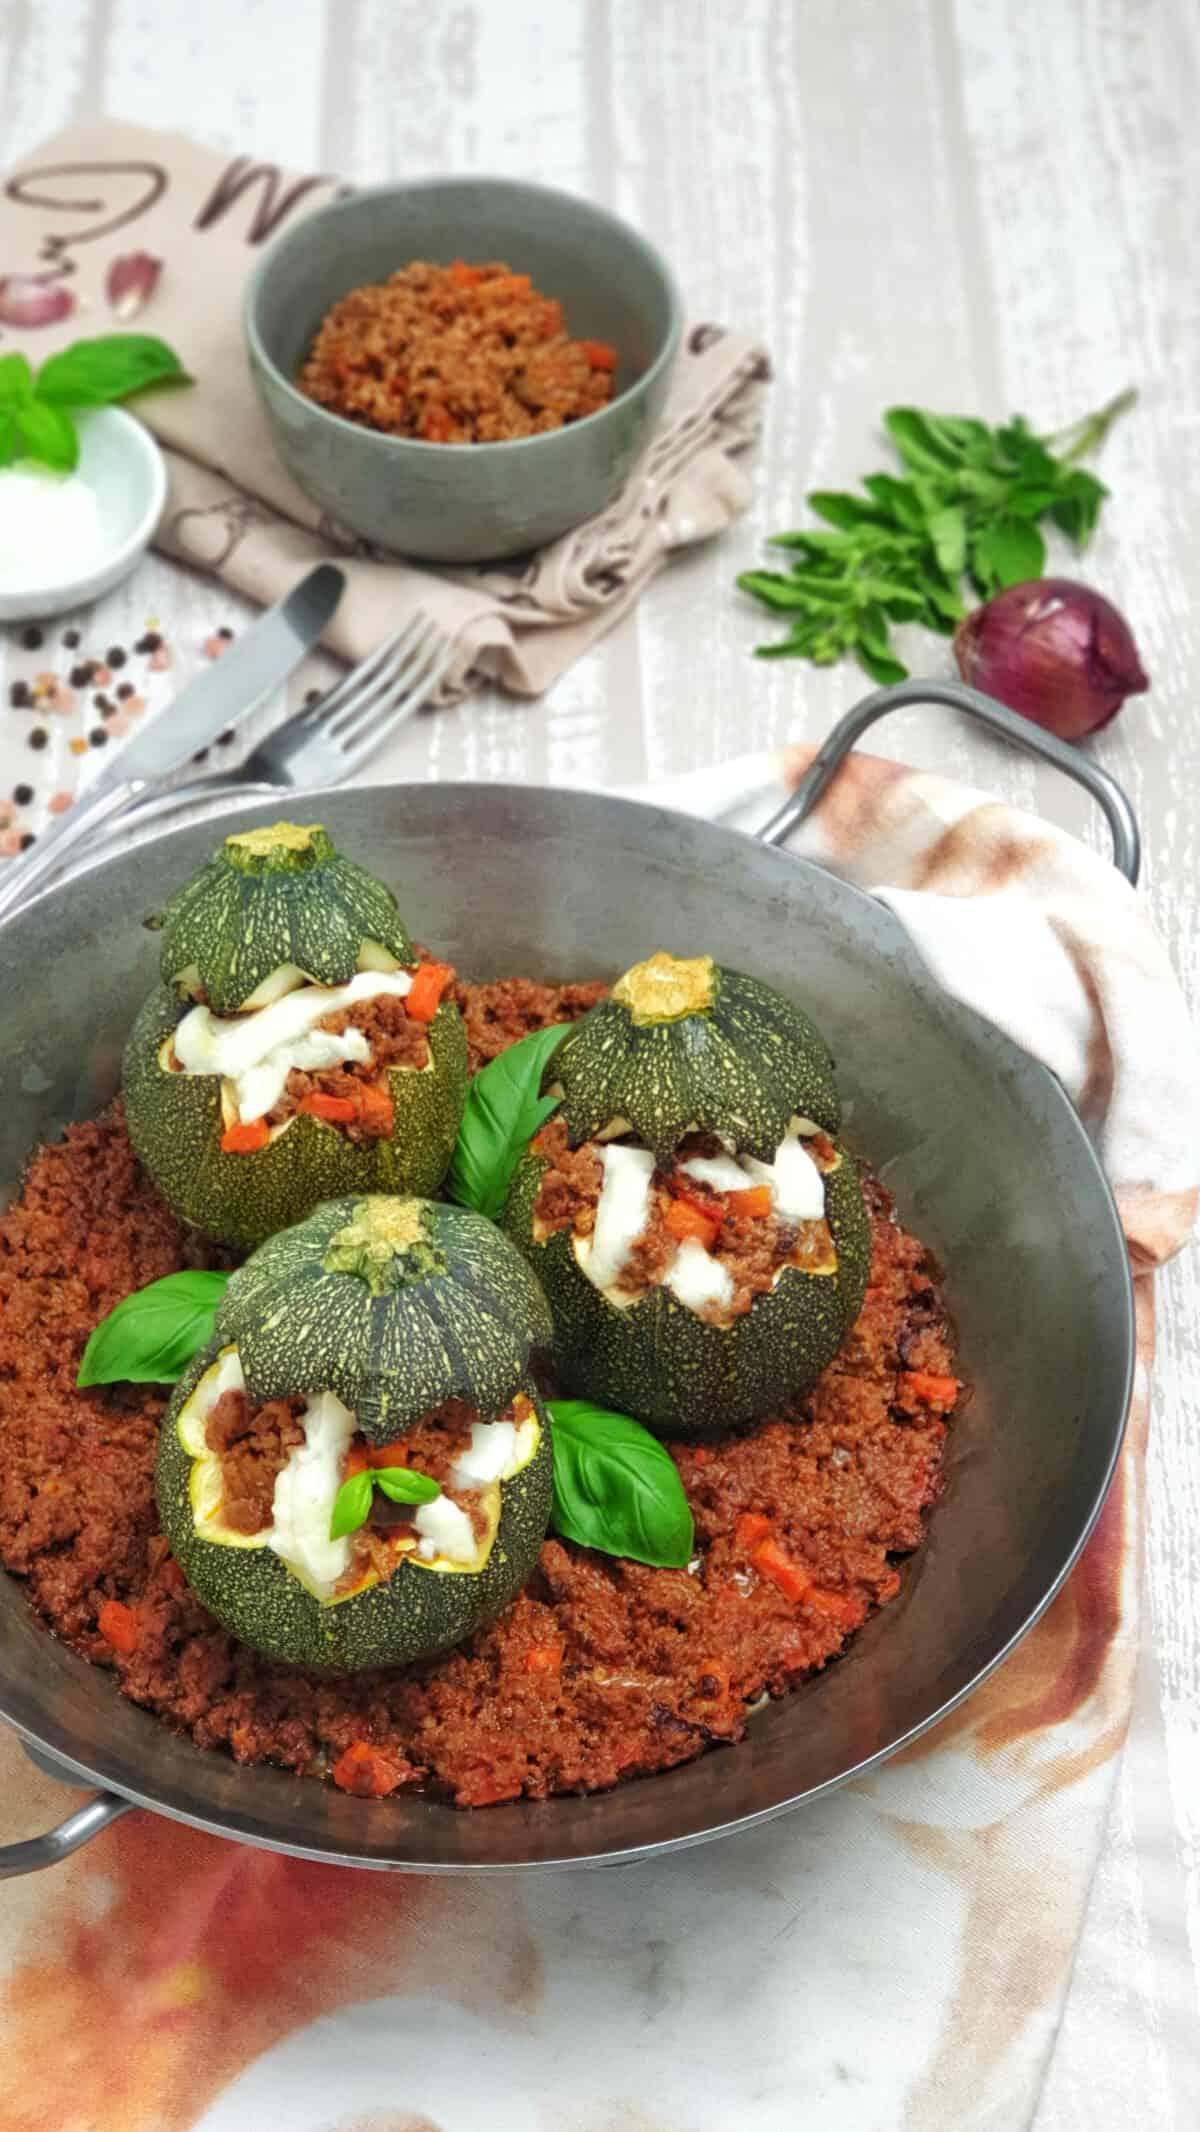 Gebackene Zucchini mit Hackfleisch-Tomatensoße aus dem Ofen. Mit Käse überbacken in einer Gußpfanne serviert.